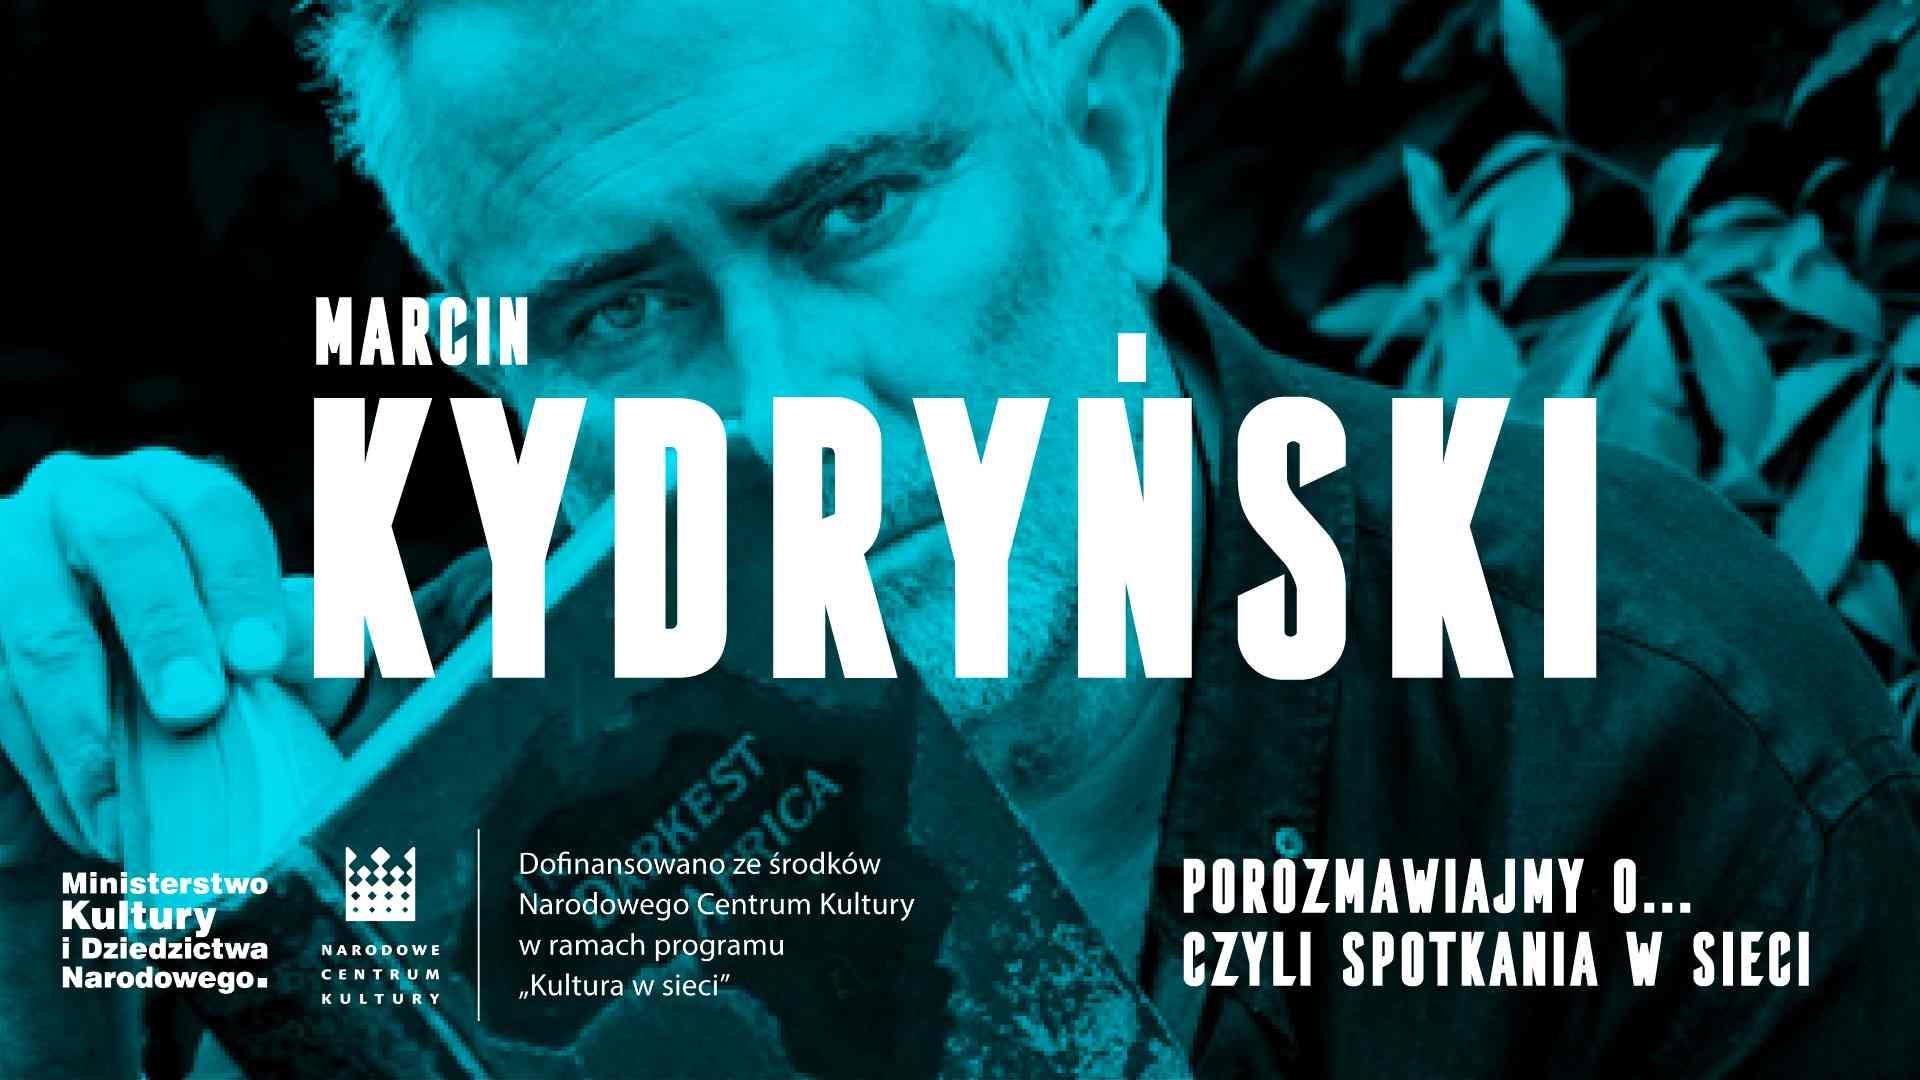 Porozmawiajmy o… czyli spotkania w sieci. Marcin Kydryński